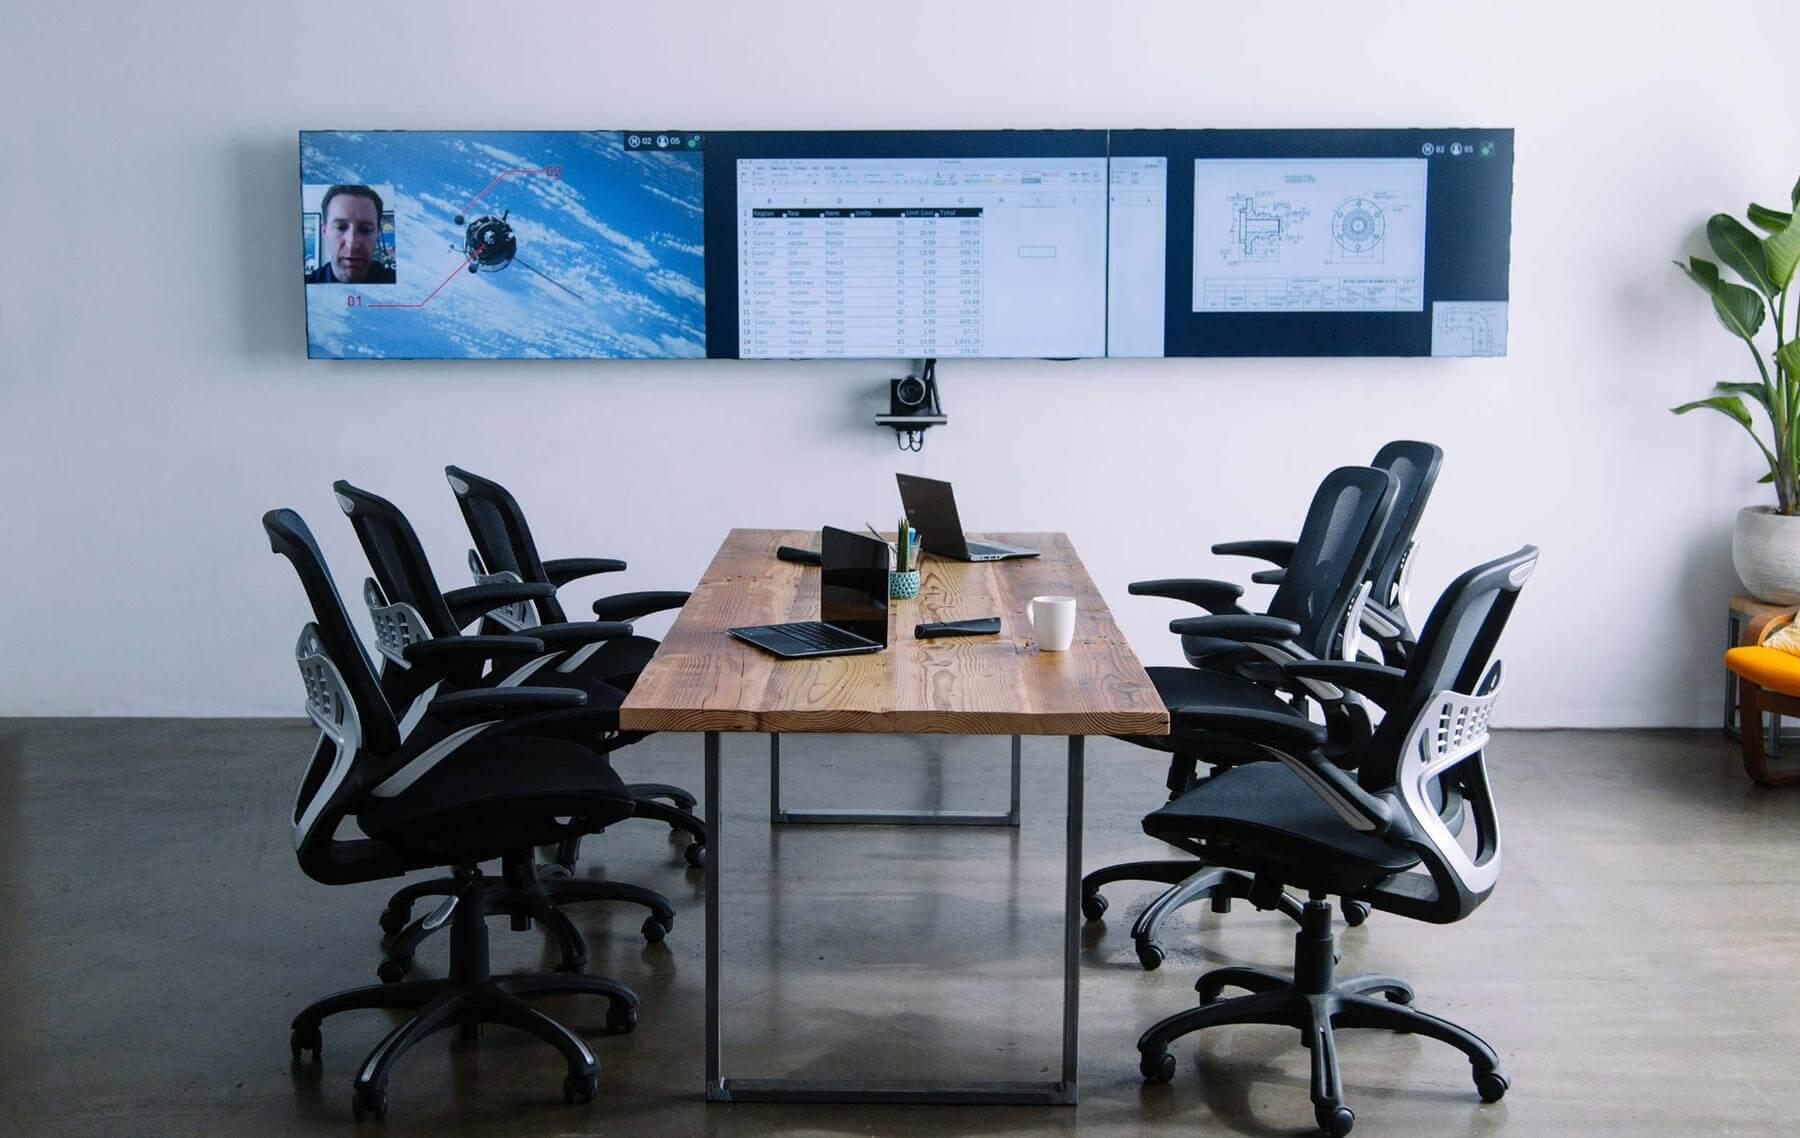 Salle de réunion équipée de la solution infogérance Oblong Mezzanine 300 avec 3 écrans